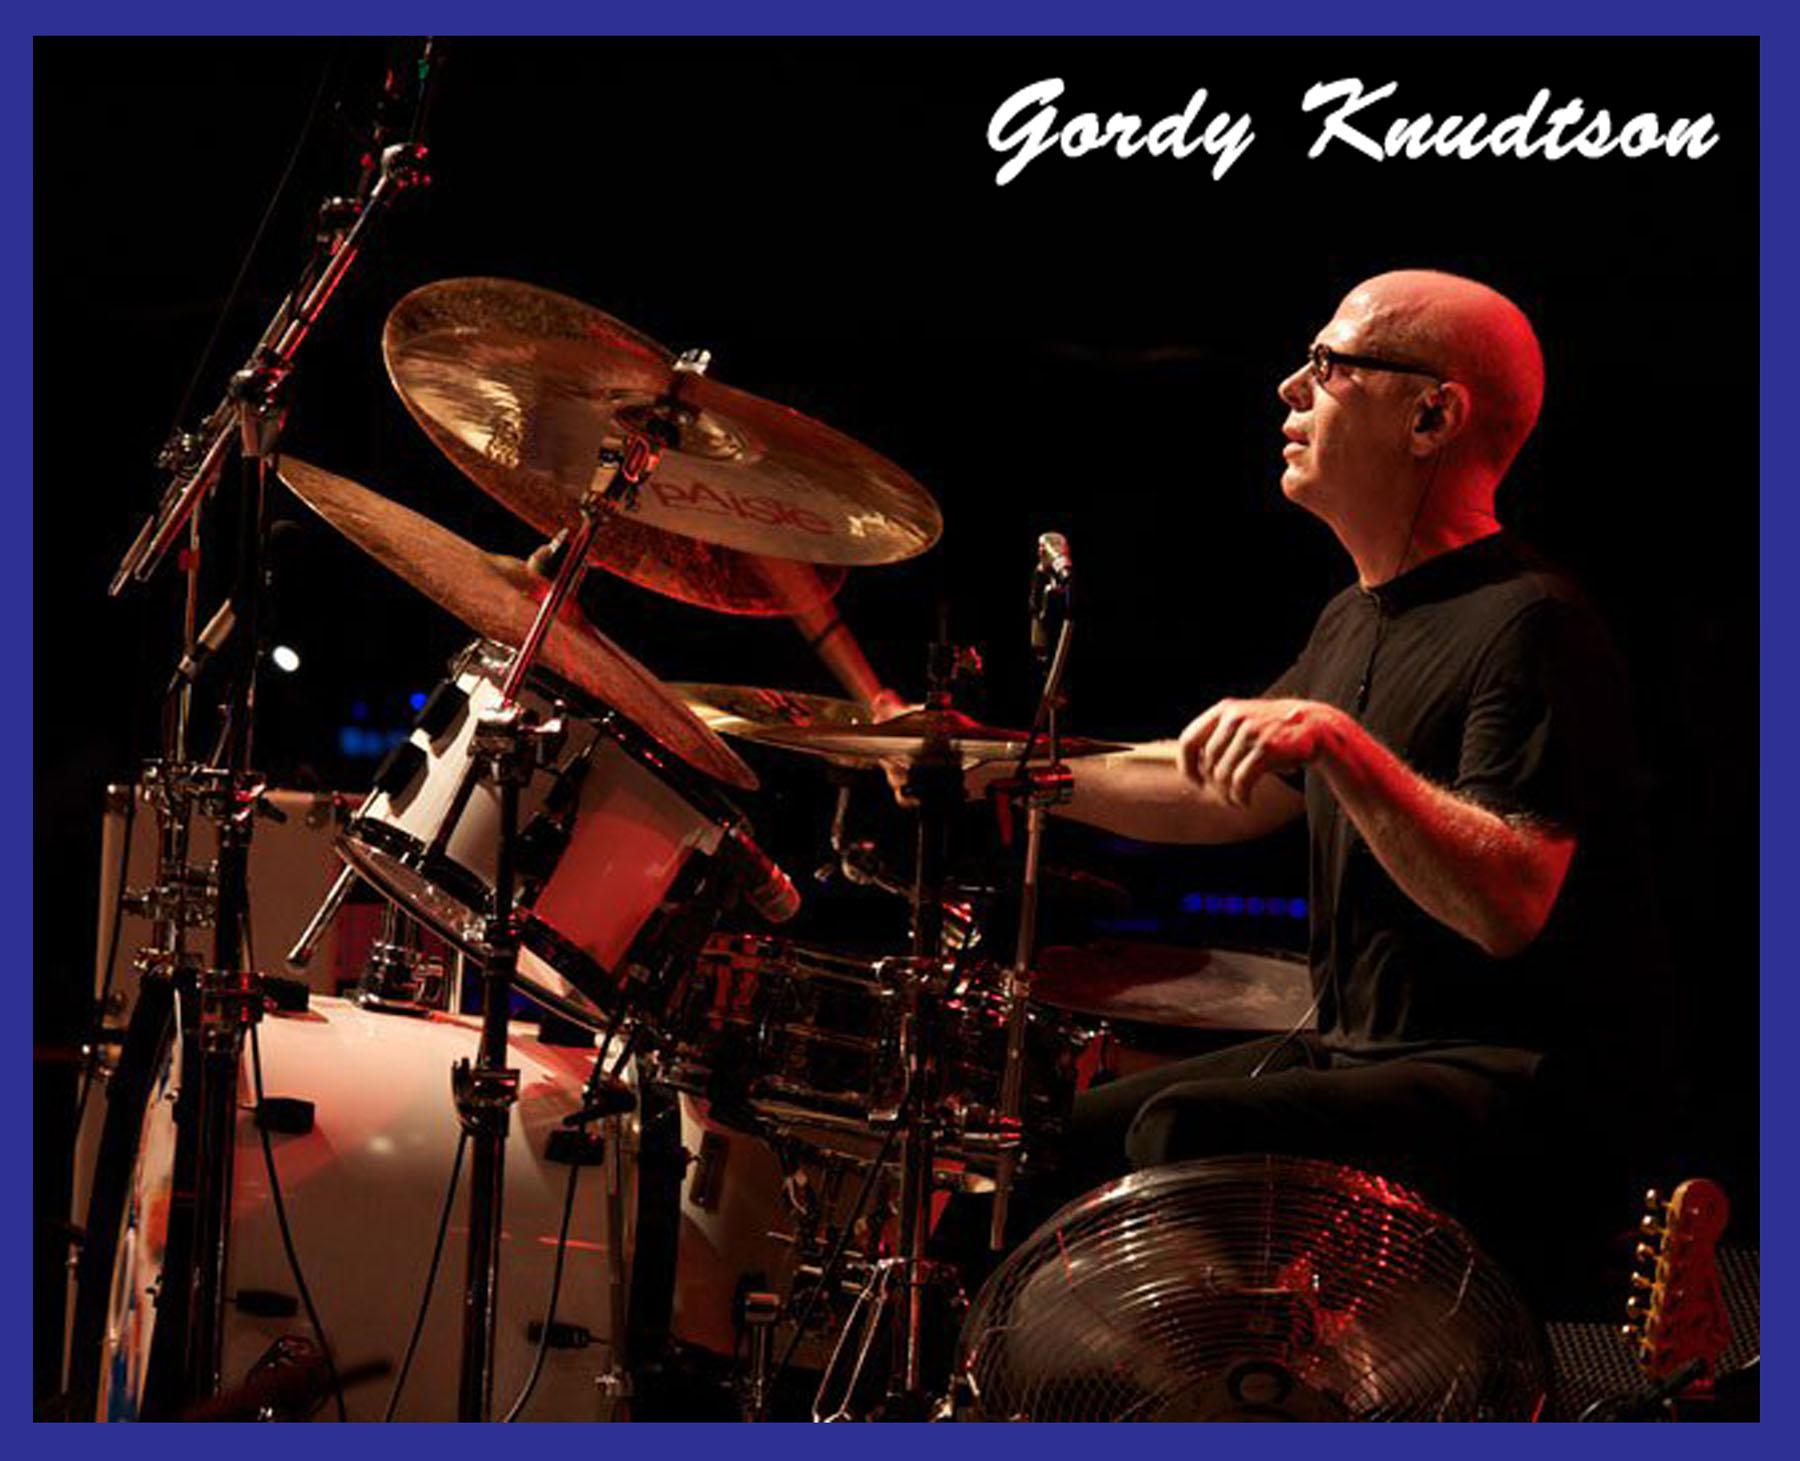 Gordy-2.jpg